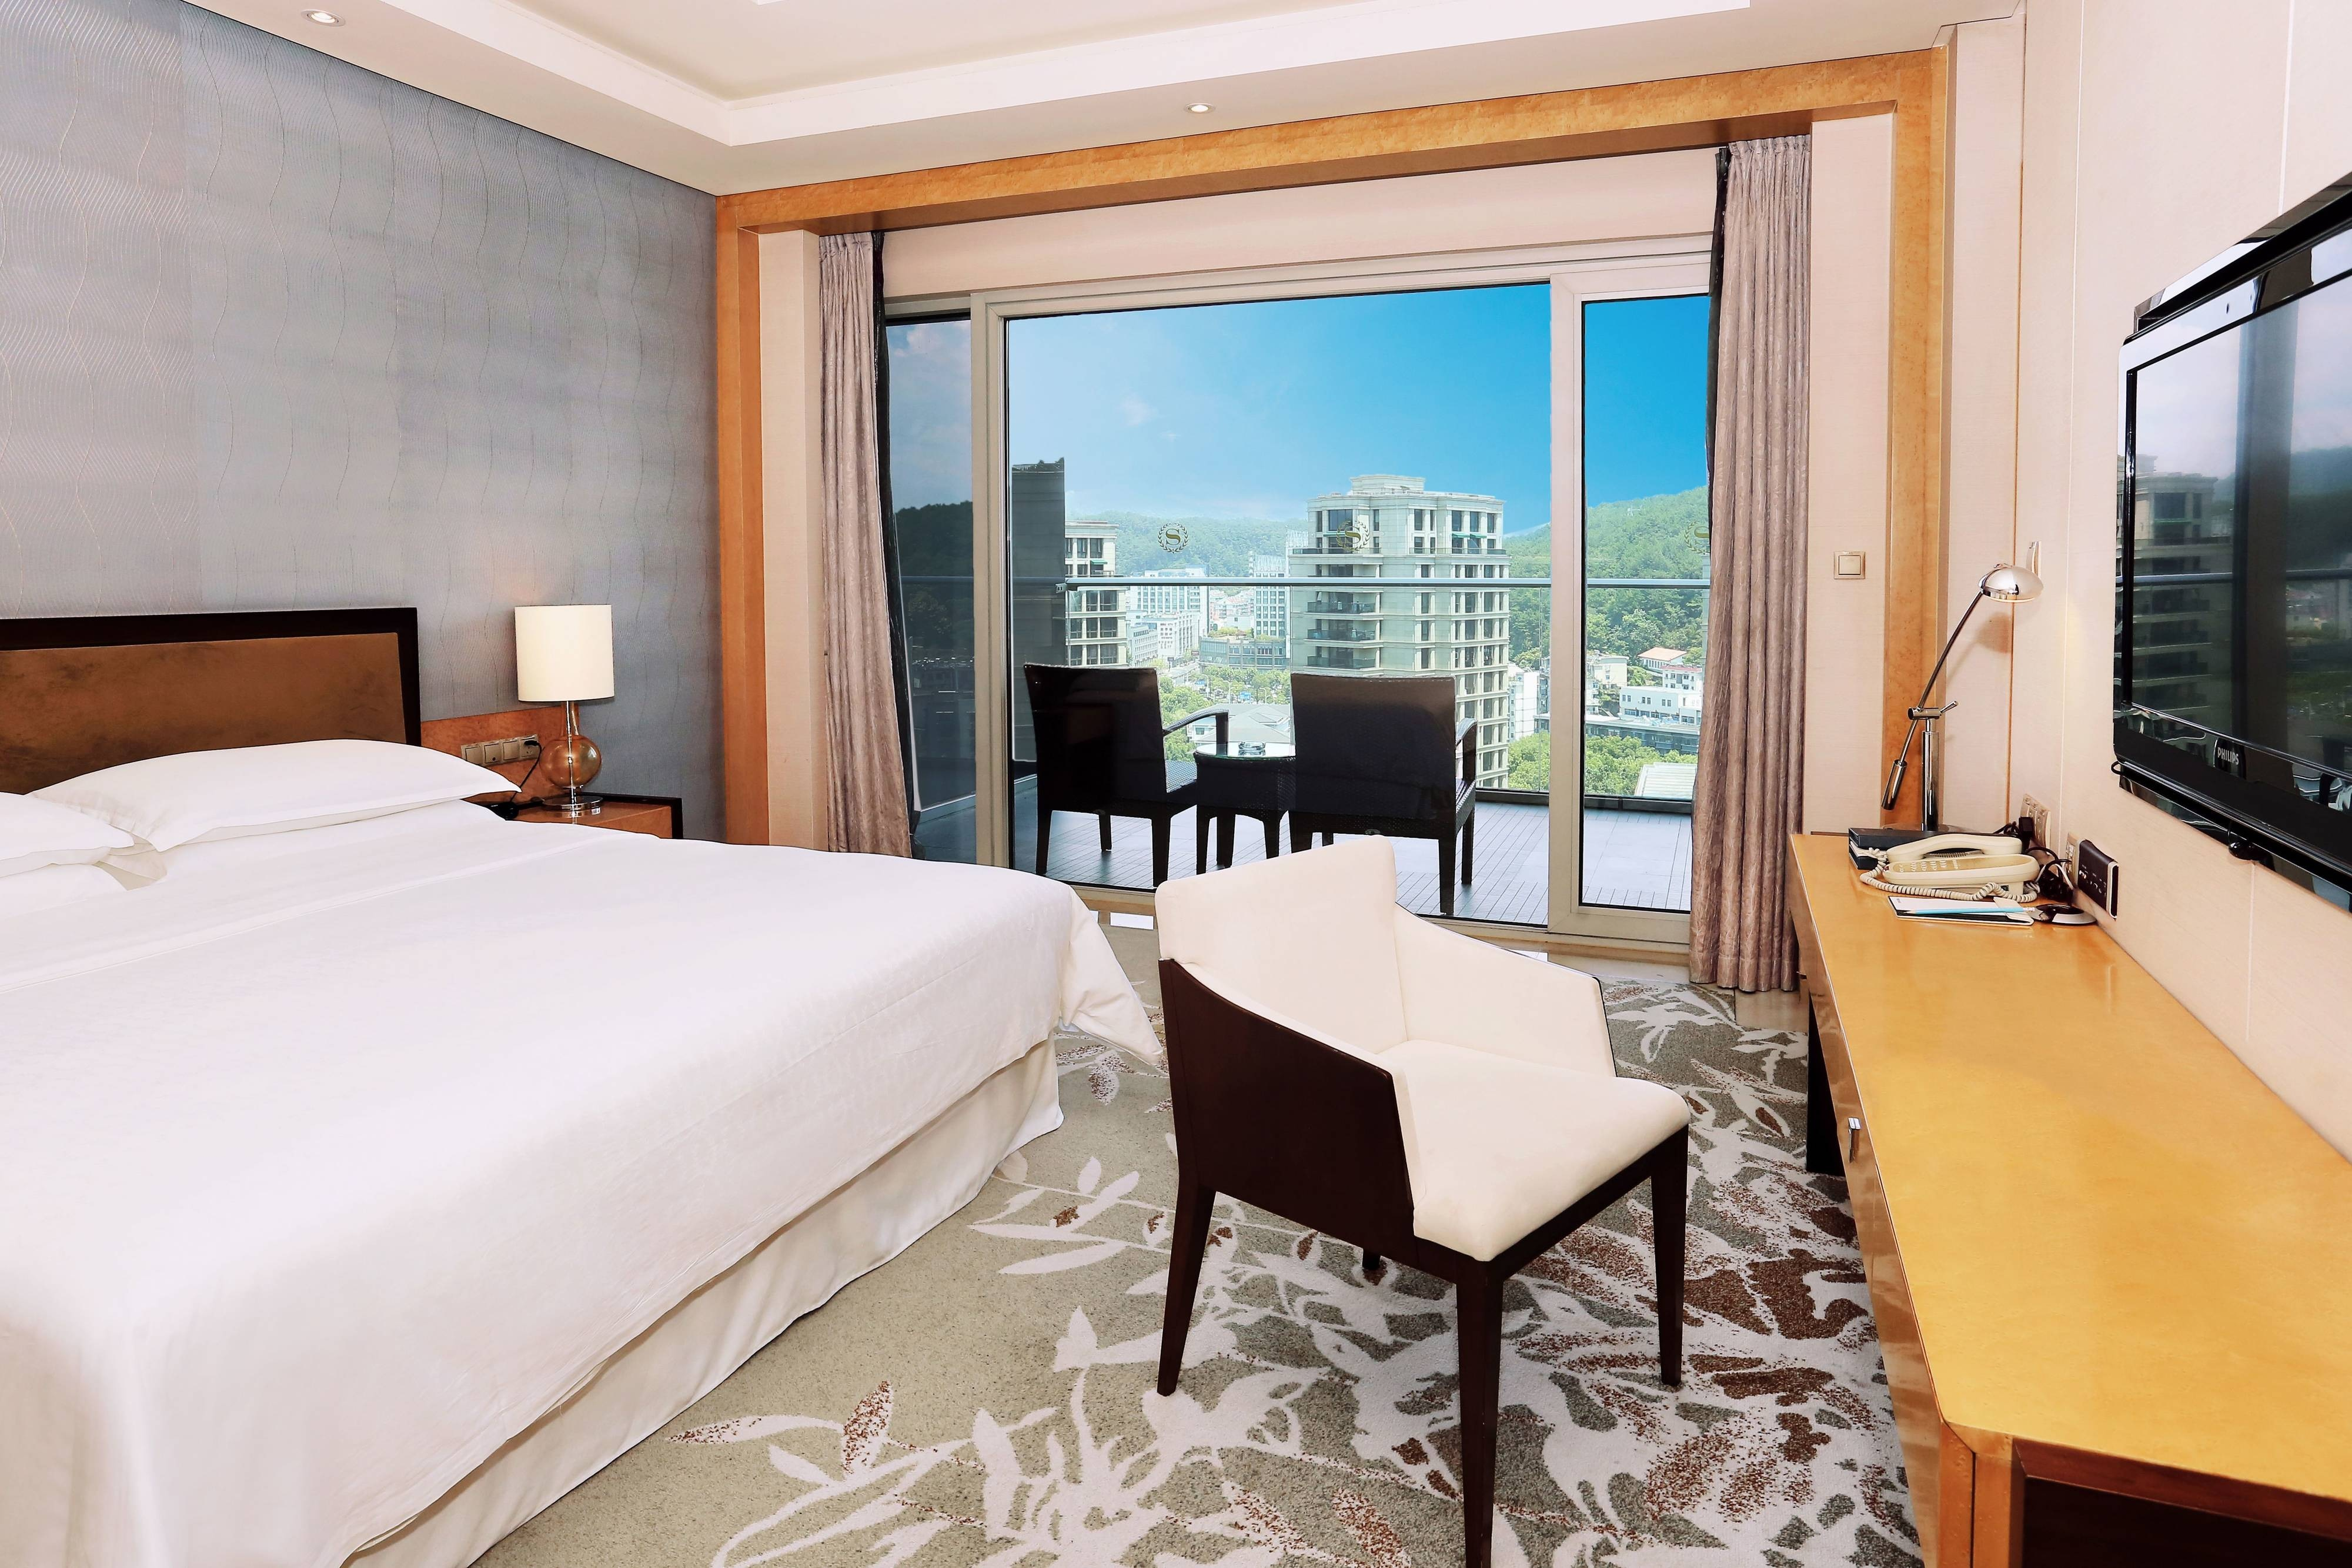 Gästezimmer mit Kingsize-Bett und Gartenblick